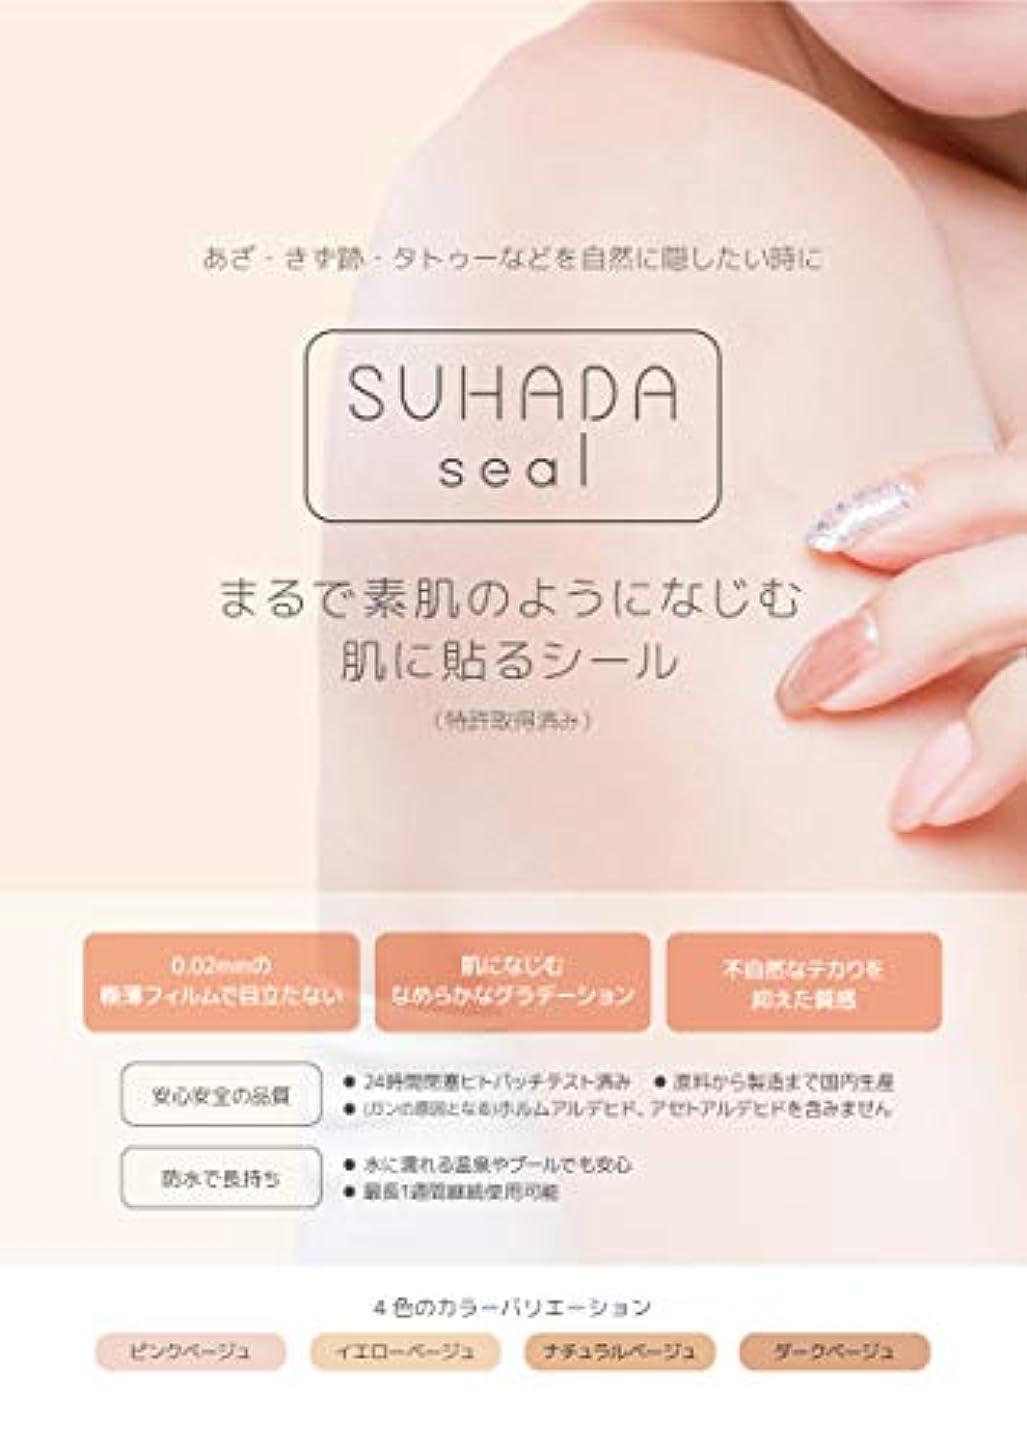 してはいけないフェンス卵素肌シール SUHADA / Hard しっかり隠す (L, お試し) [各色1枚入り]